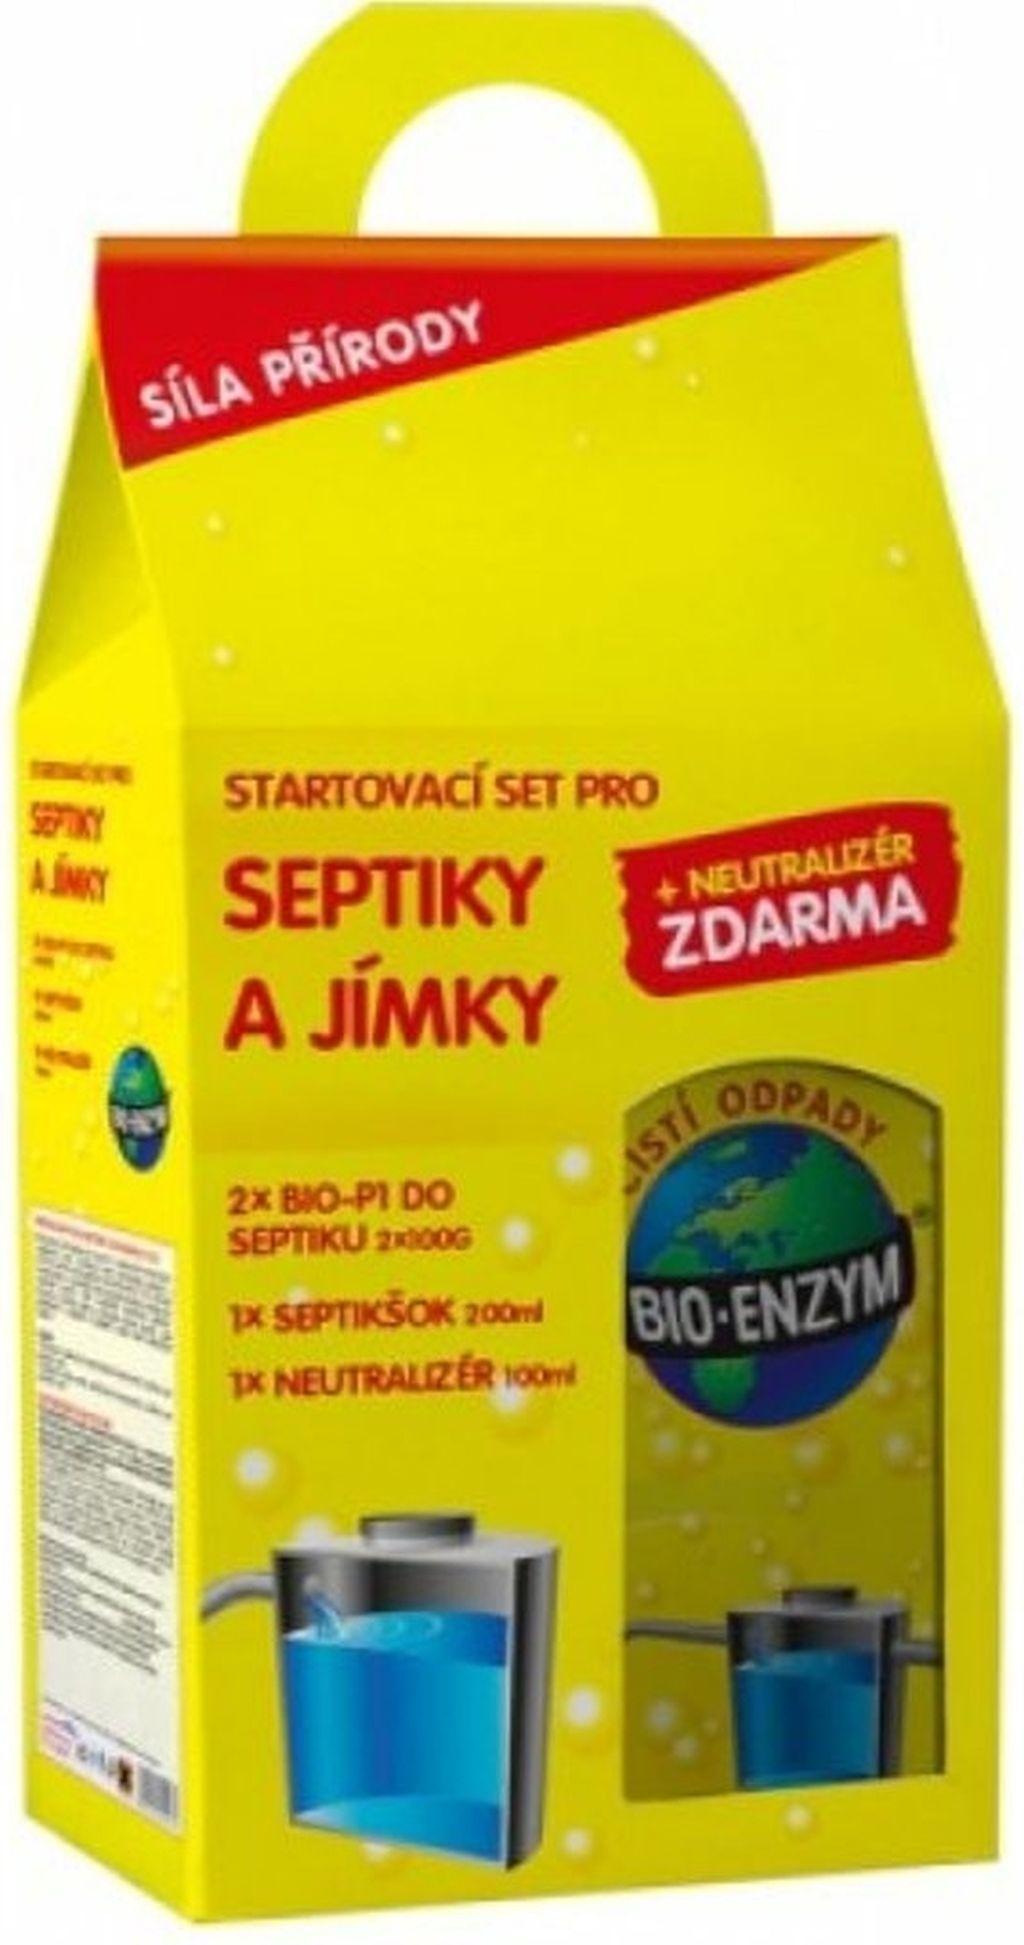 Bio Enzym Startovací set pro septiky a jímky